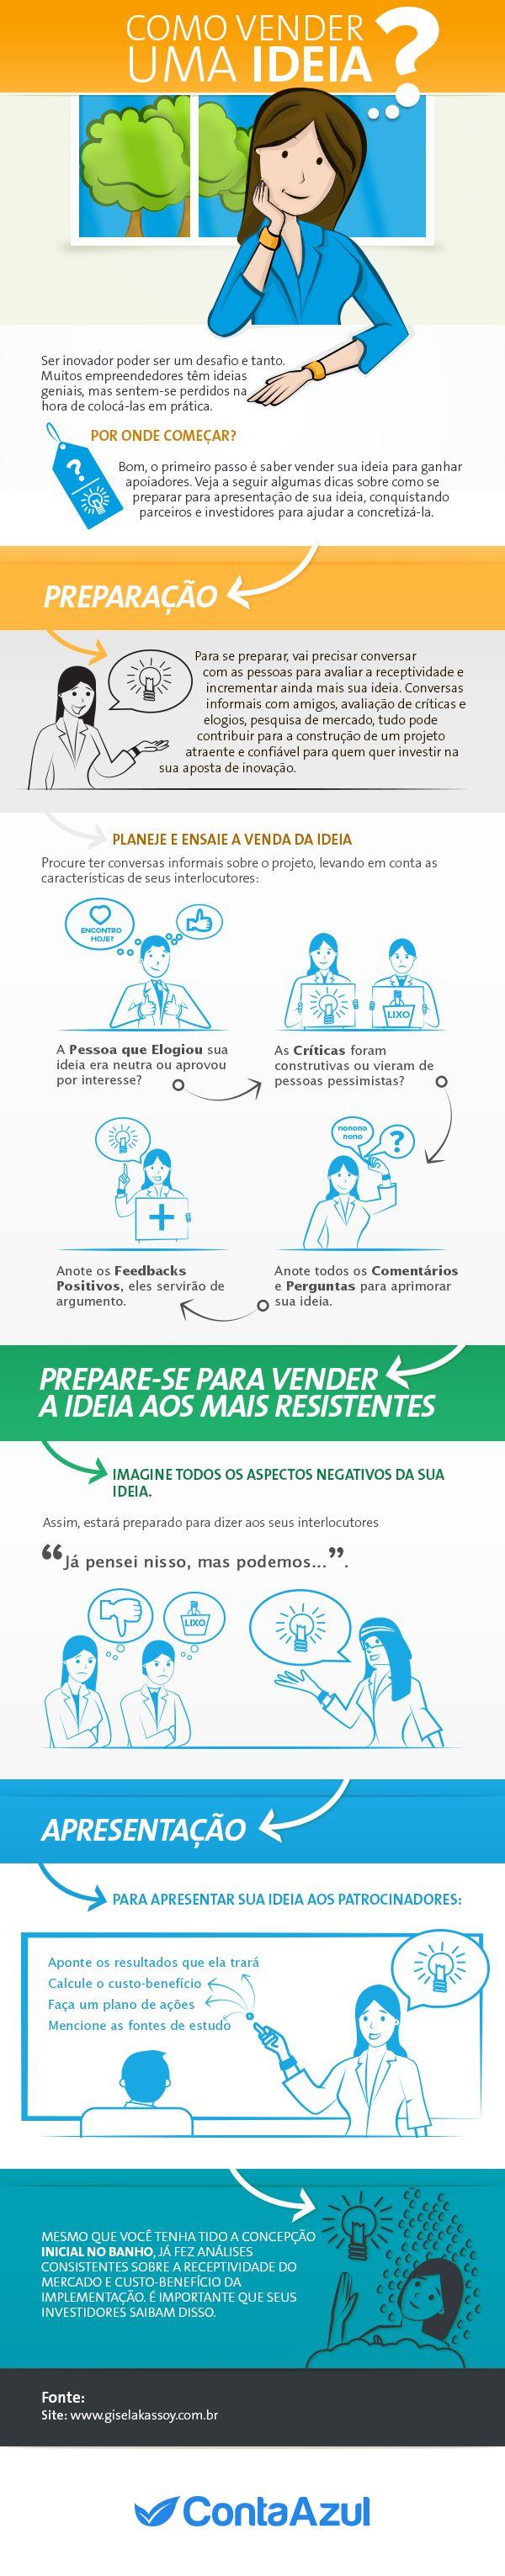 Como vender uma ideia? - Infográfico